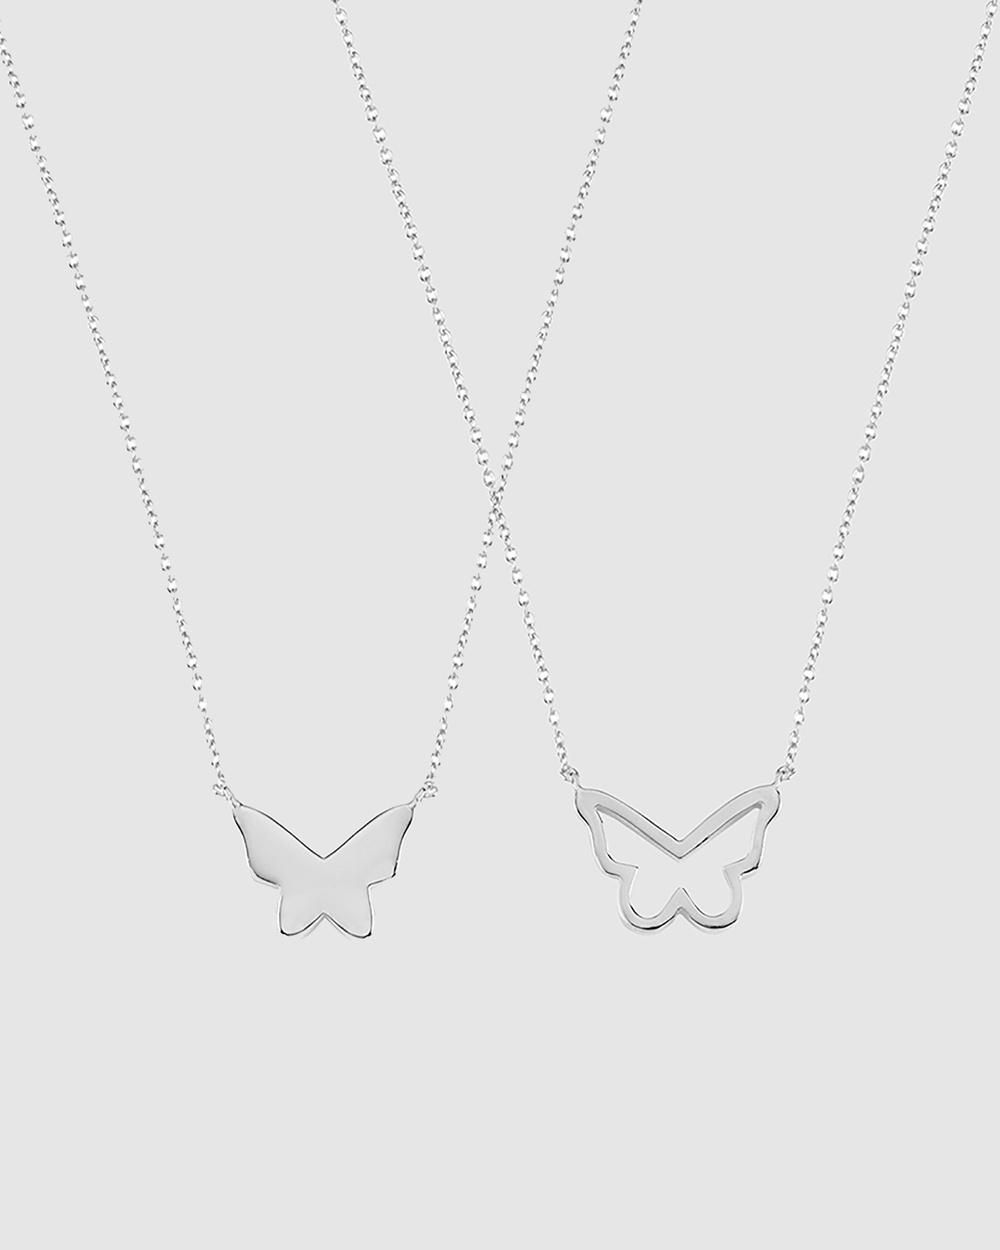 Secret Sisterhood Butterfly Friendship Necklaces Jewellery Silver